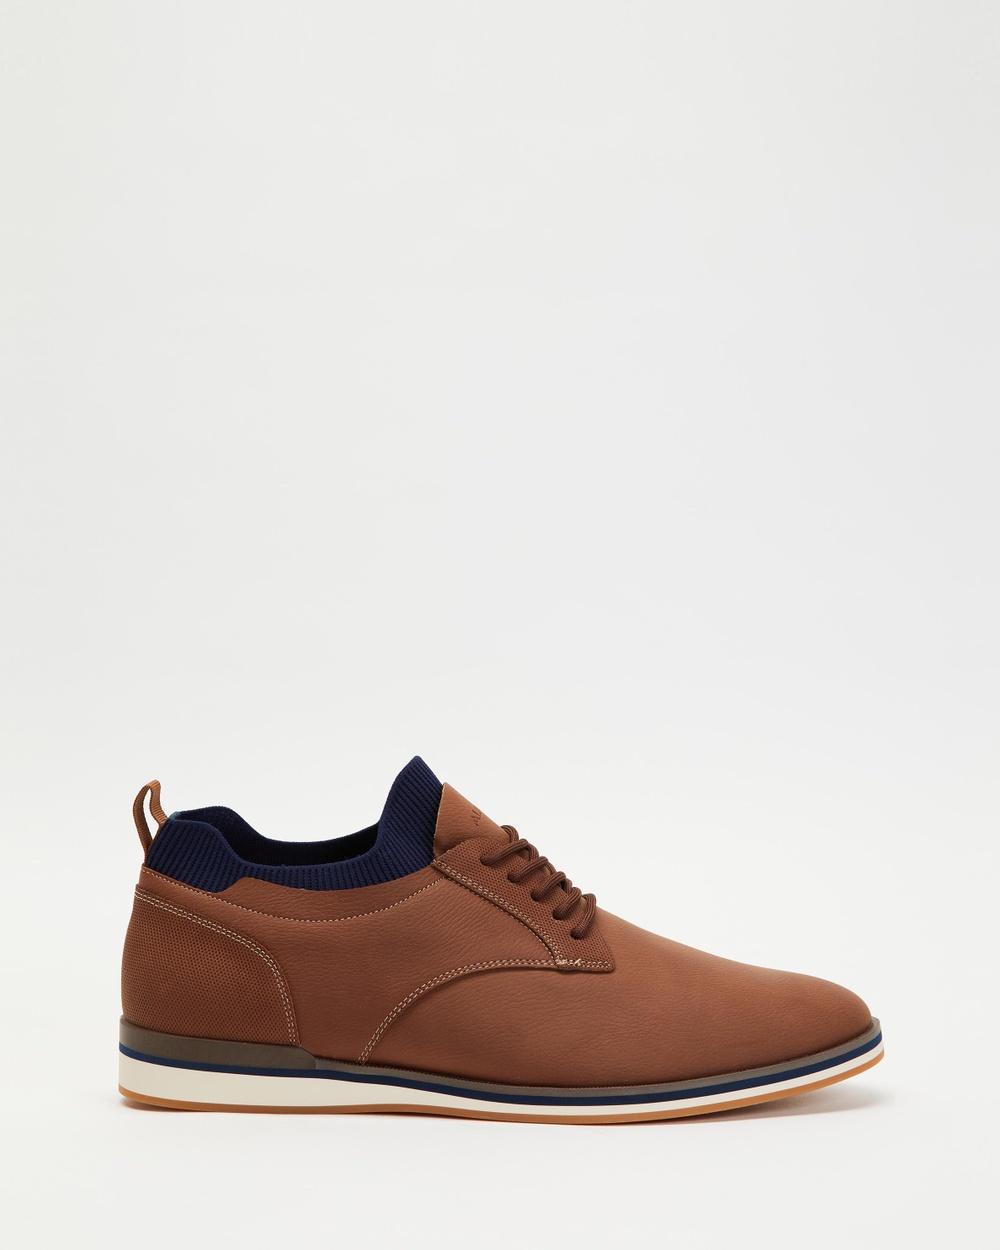 ALDO Gladosen Shoes Sneakers Cognac